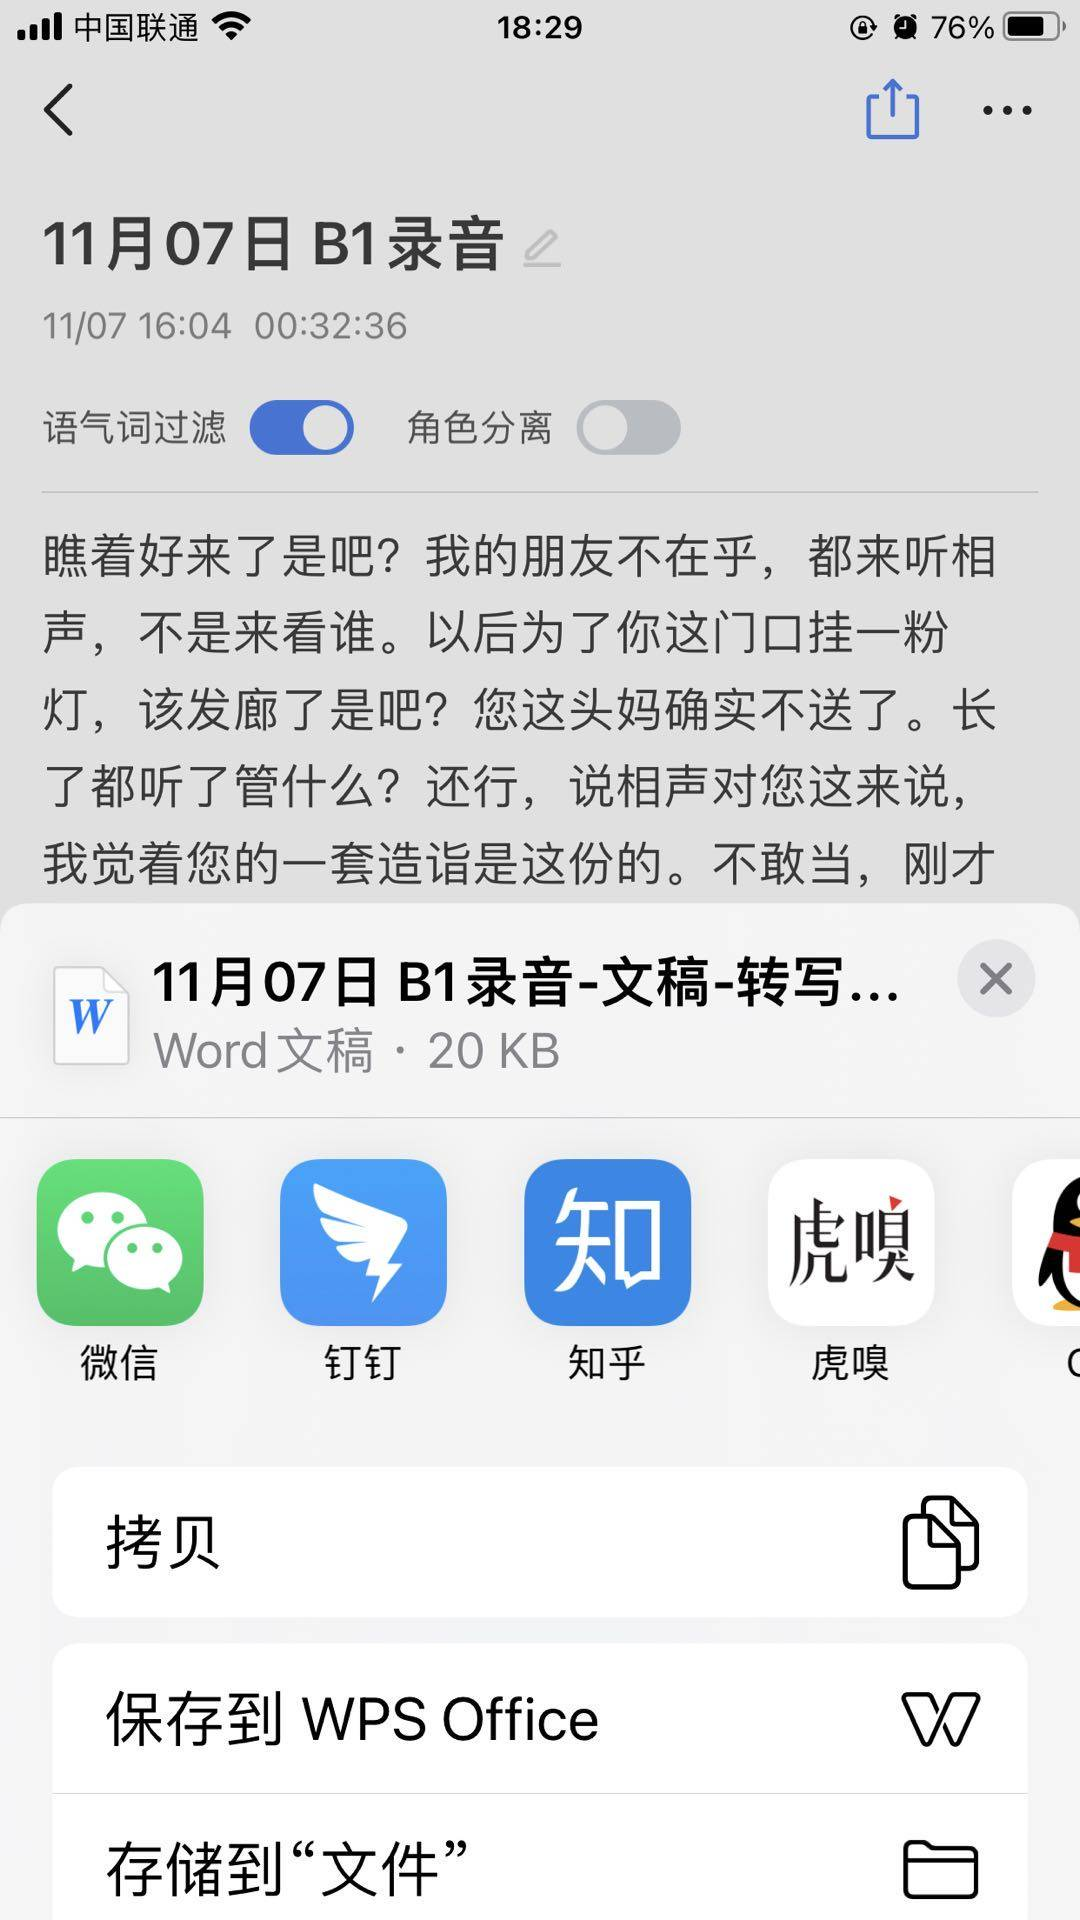 【秀科技】讯飞智能录音笔B1体验:便携背夹式设计,续航10小时